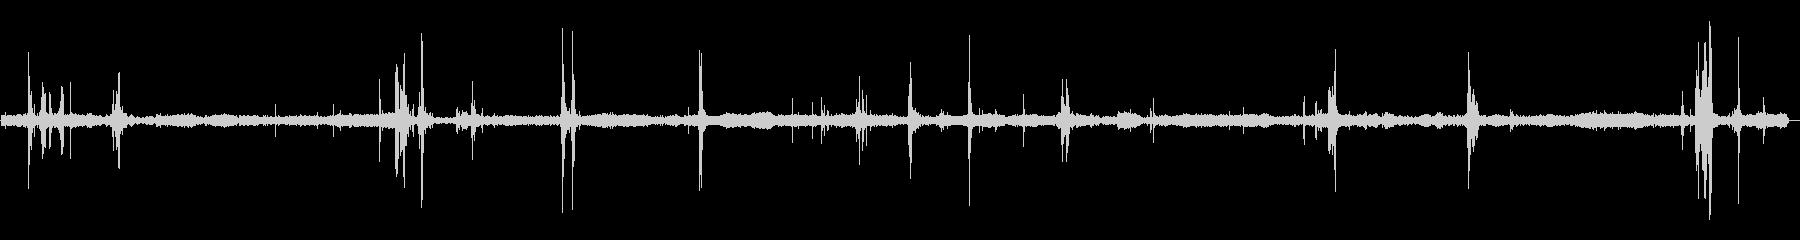 ぬるぬるタコの張り付く音の未再生の波形